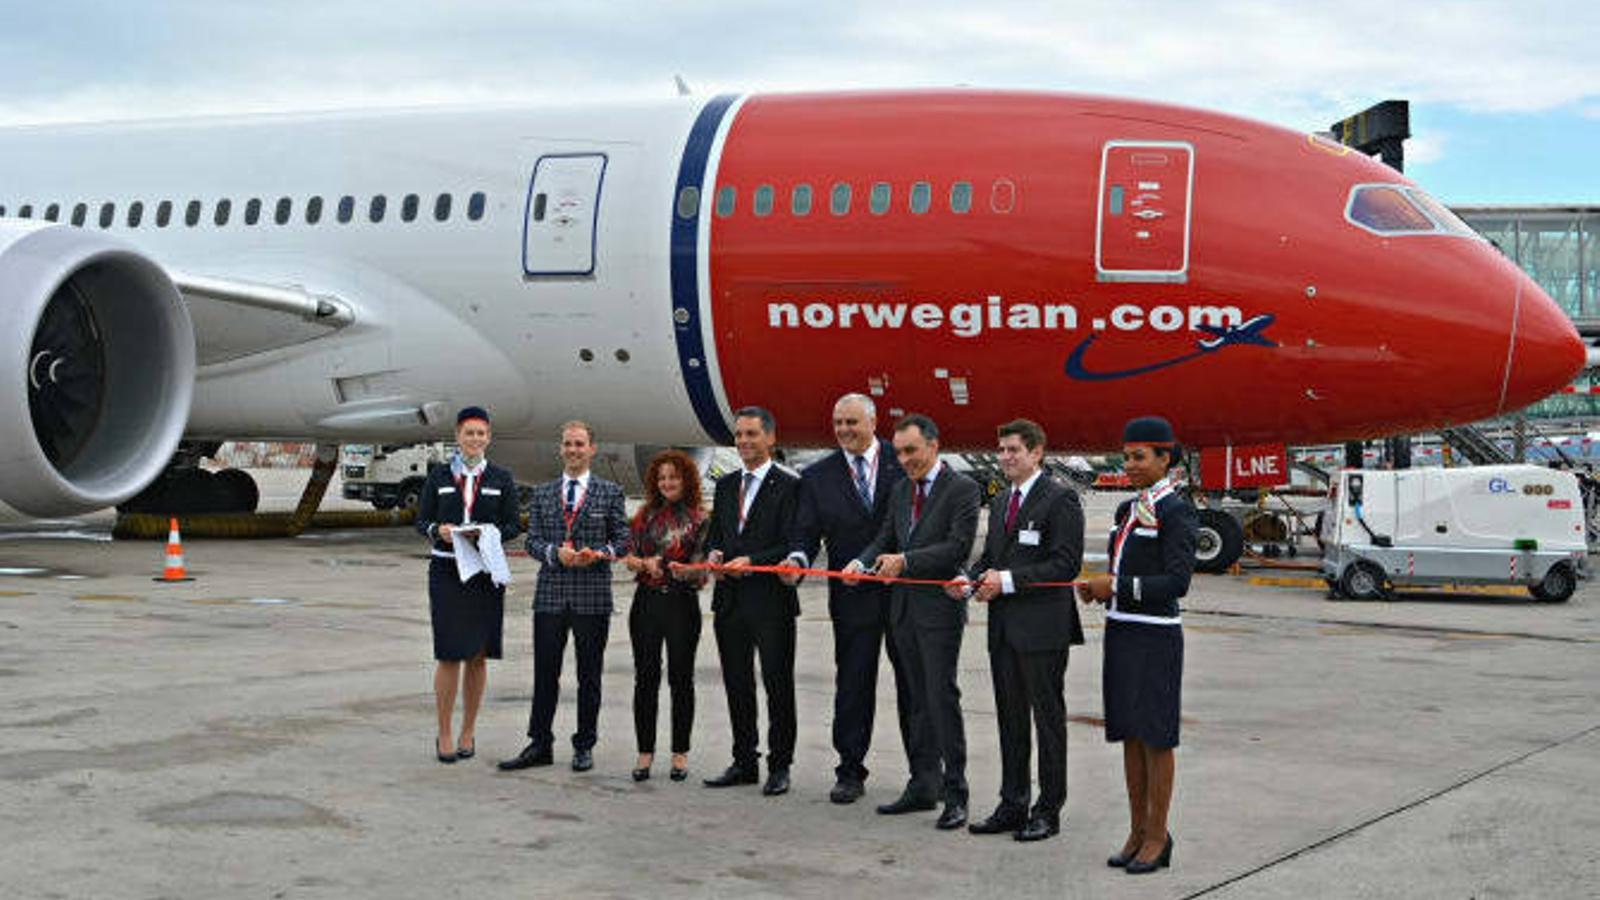 Norwegian enlaira el seu primer 'low cost' als EUA des del Prat